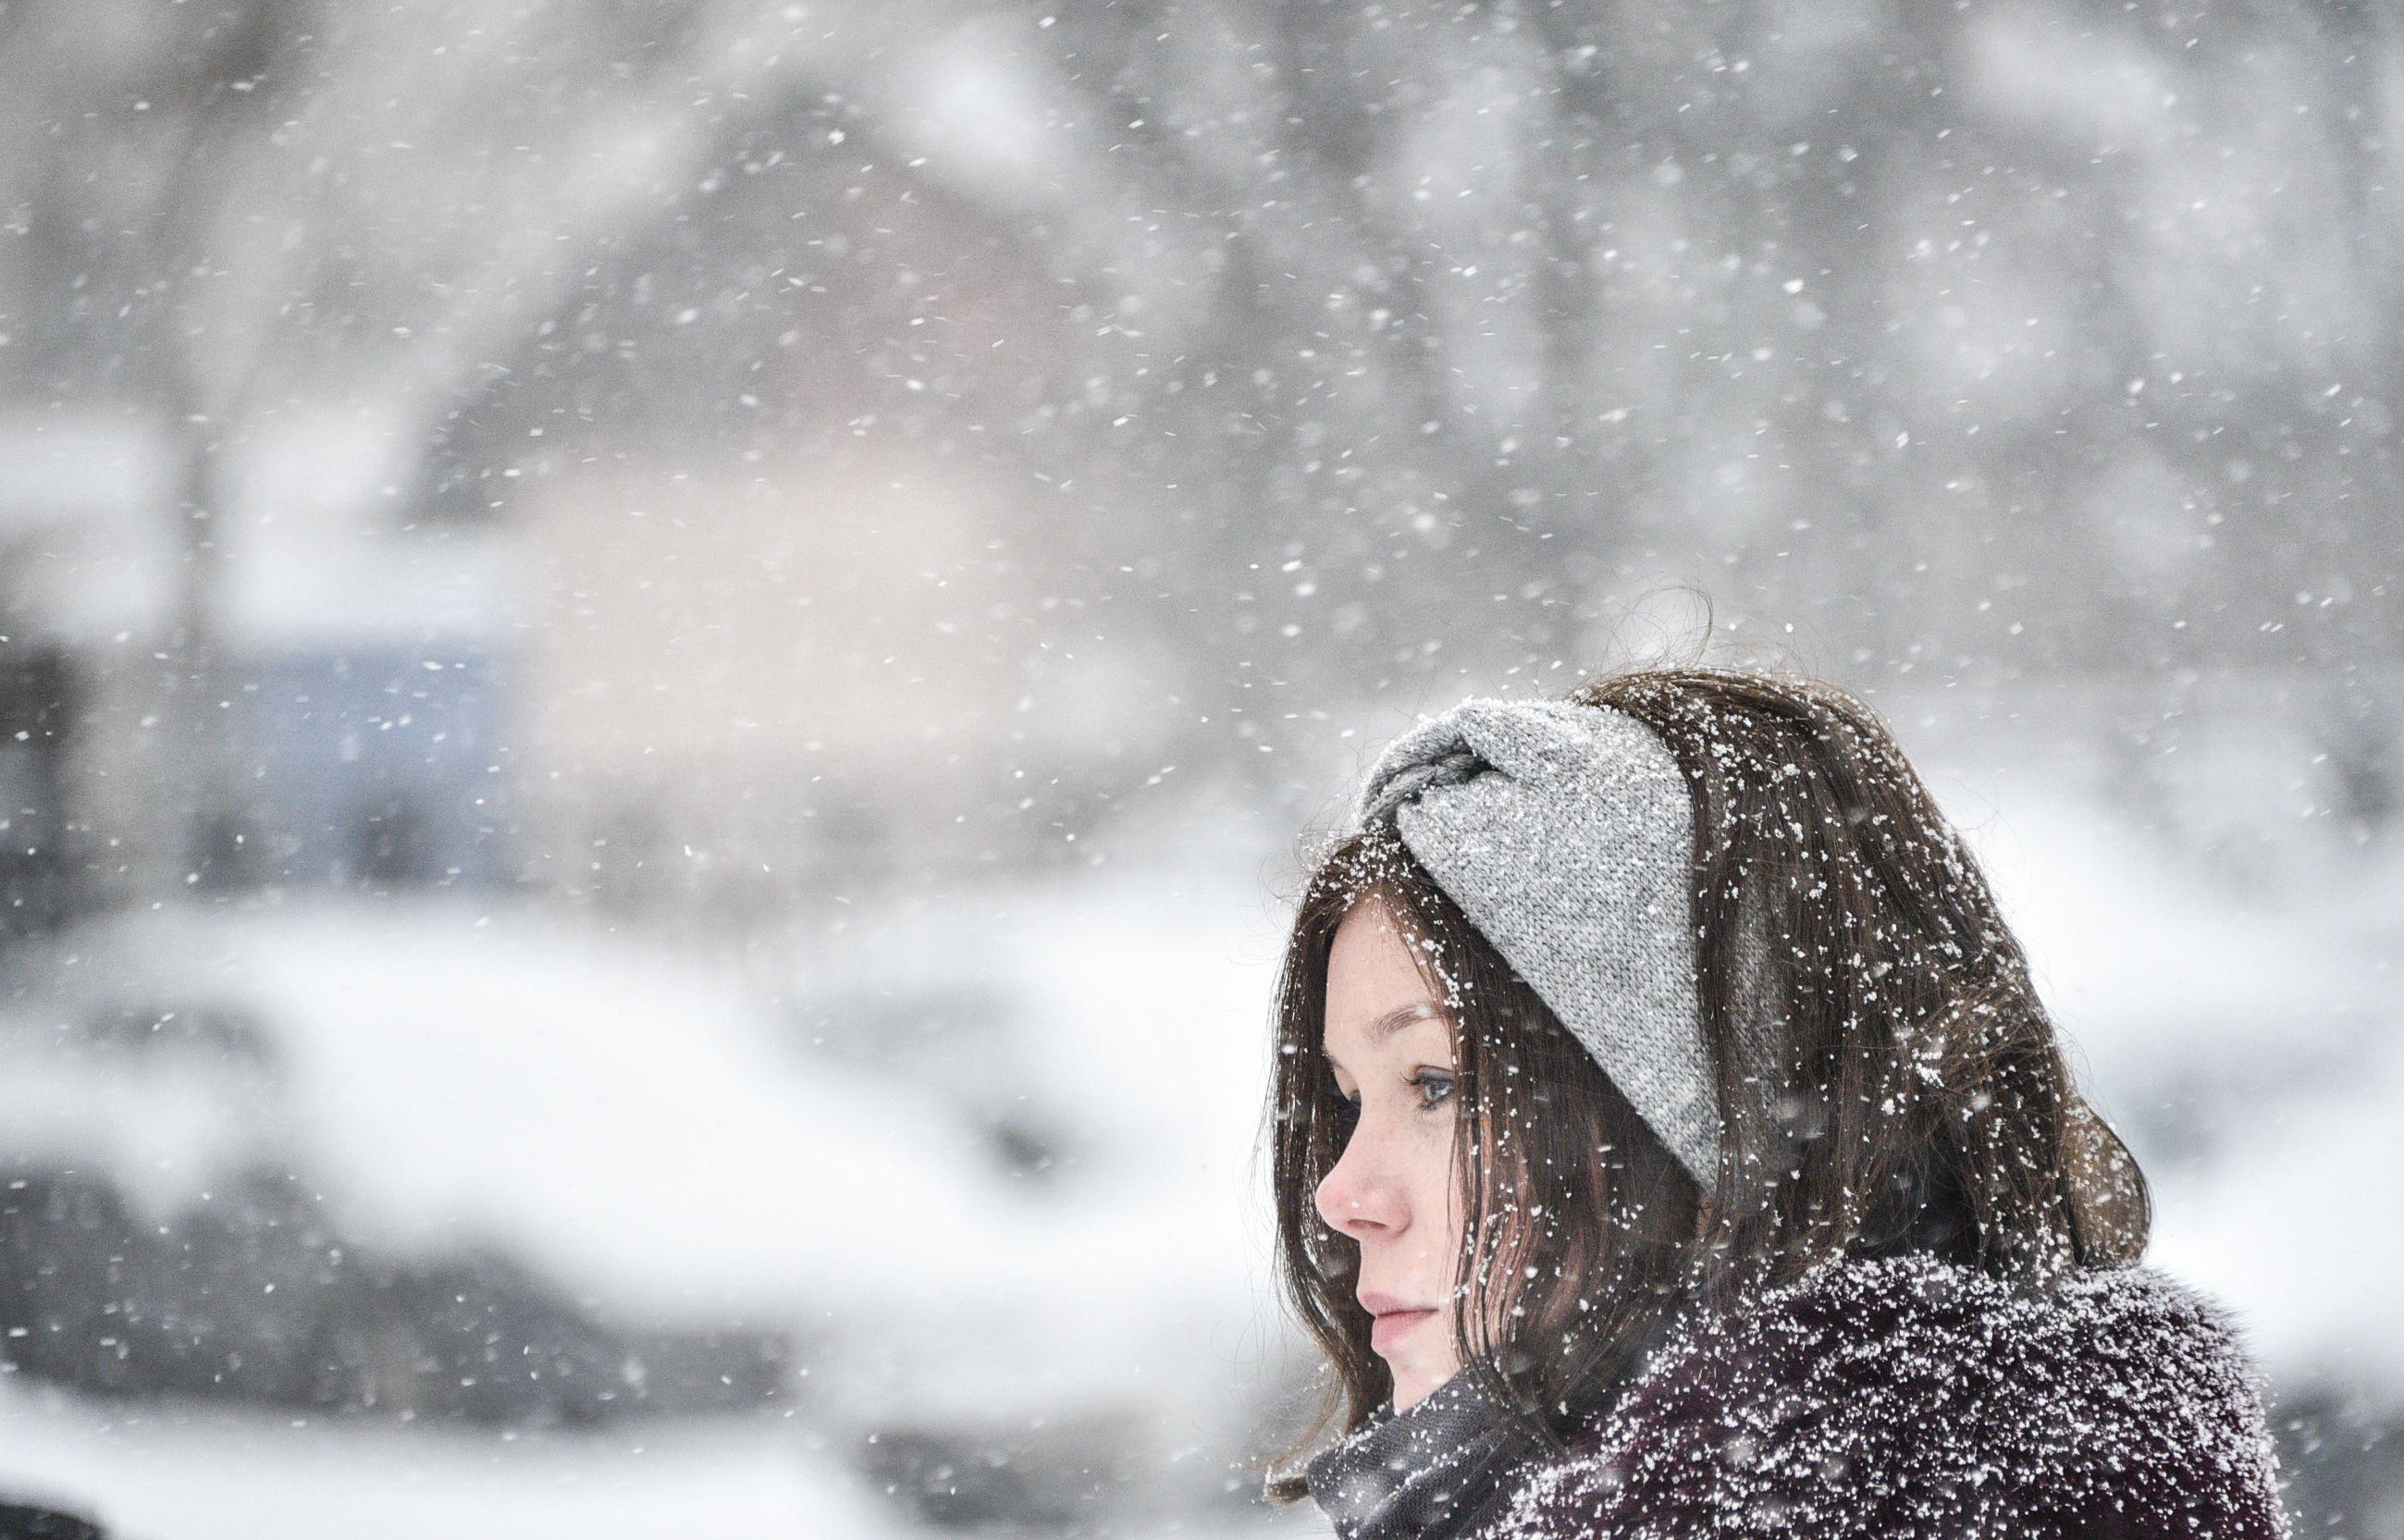 Москвичам пообещали снег и ветер 13 февраля